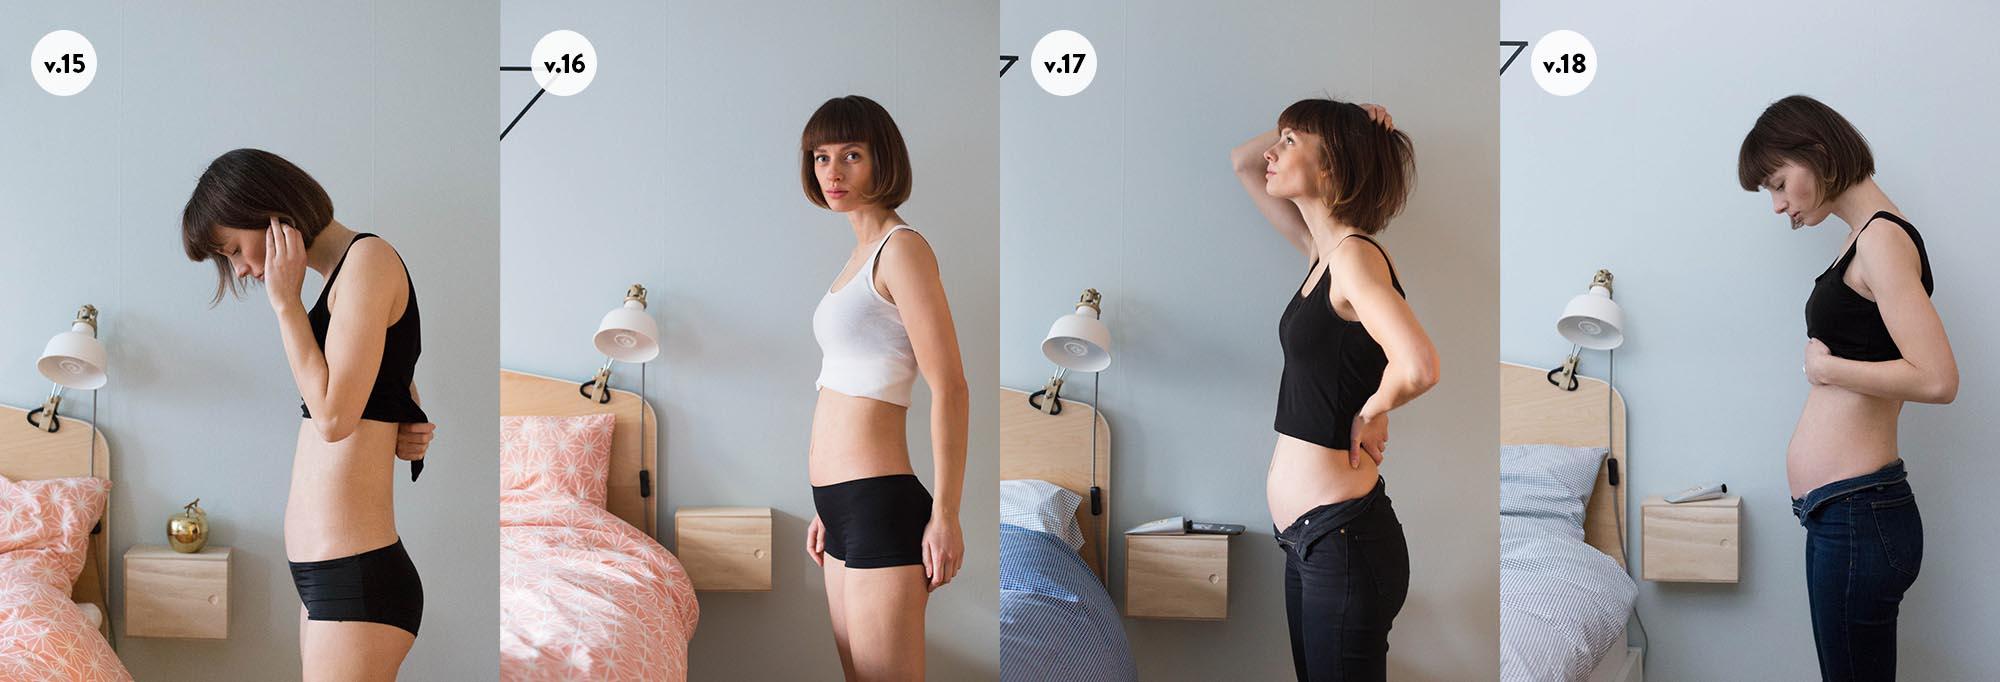 Gravid v15-v18